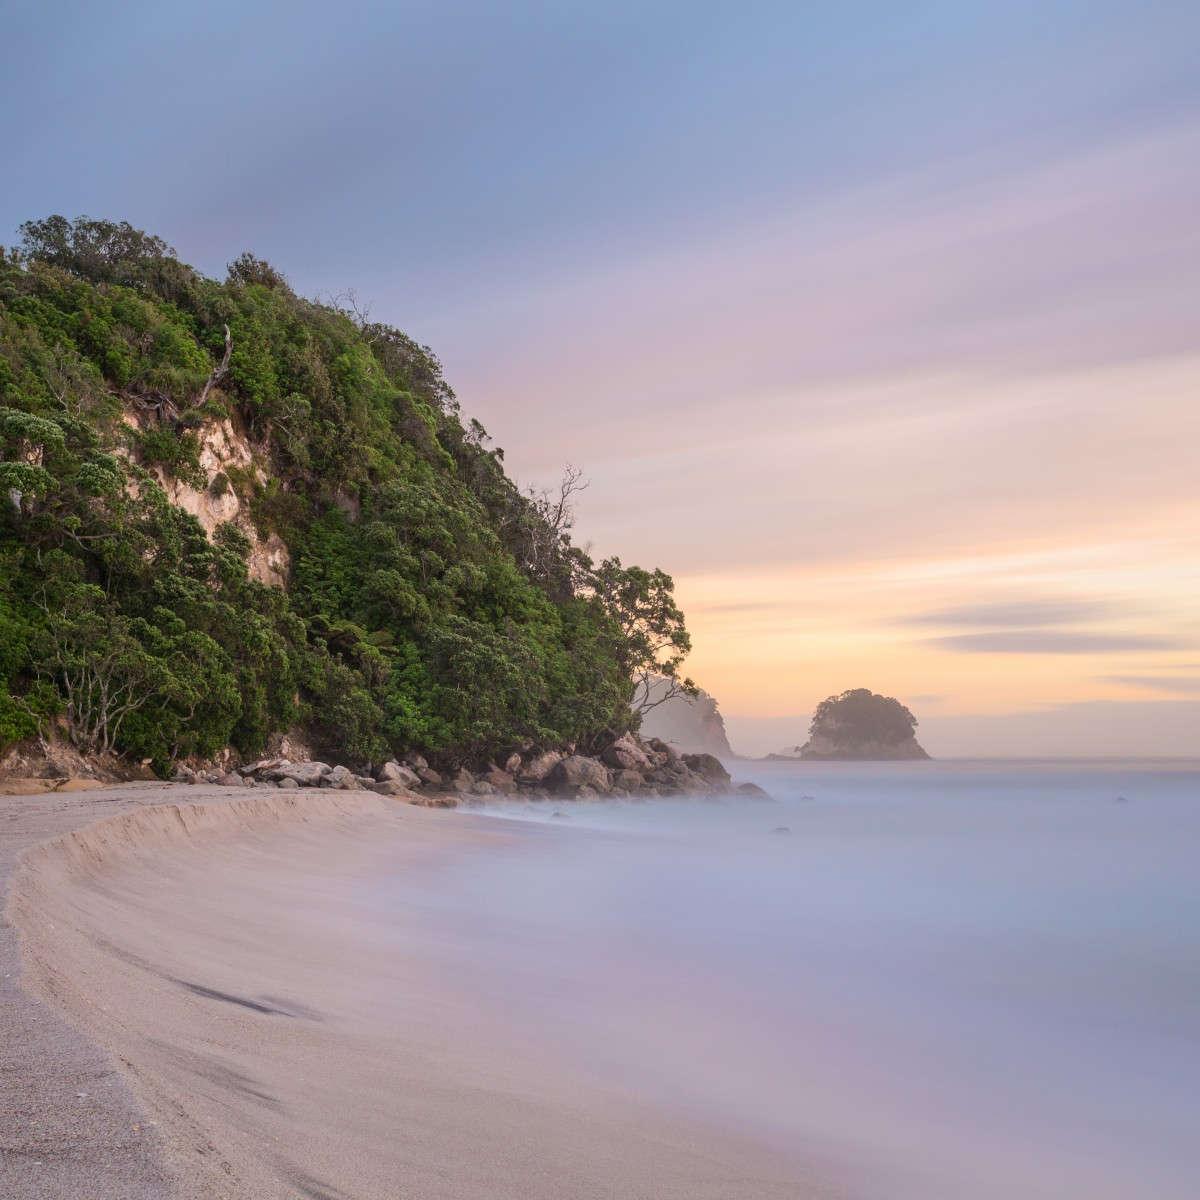 Whiritoa Beach and Waimama Bay,New Zealand @The Coromandel